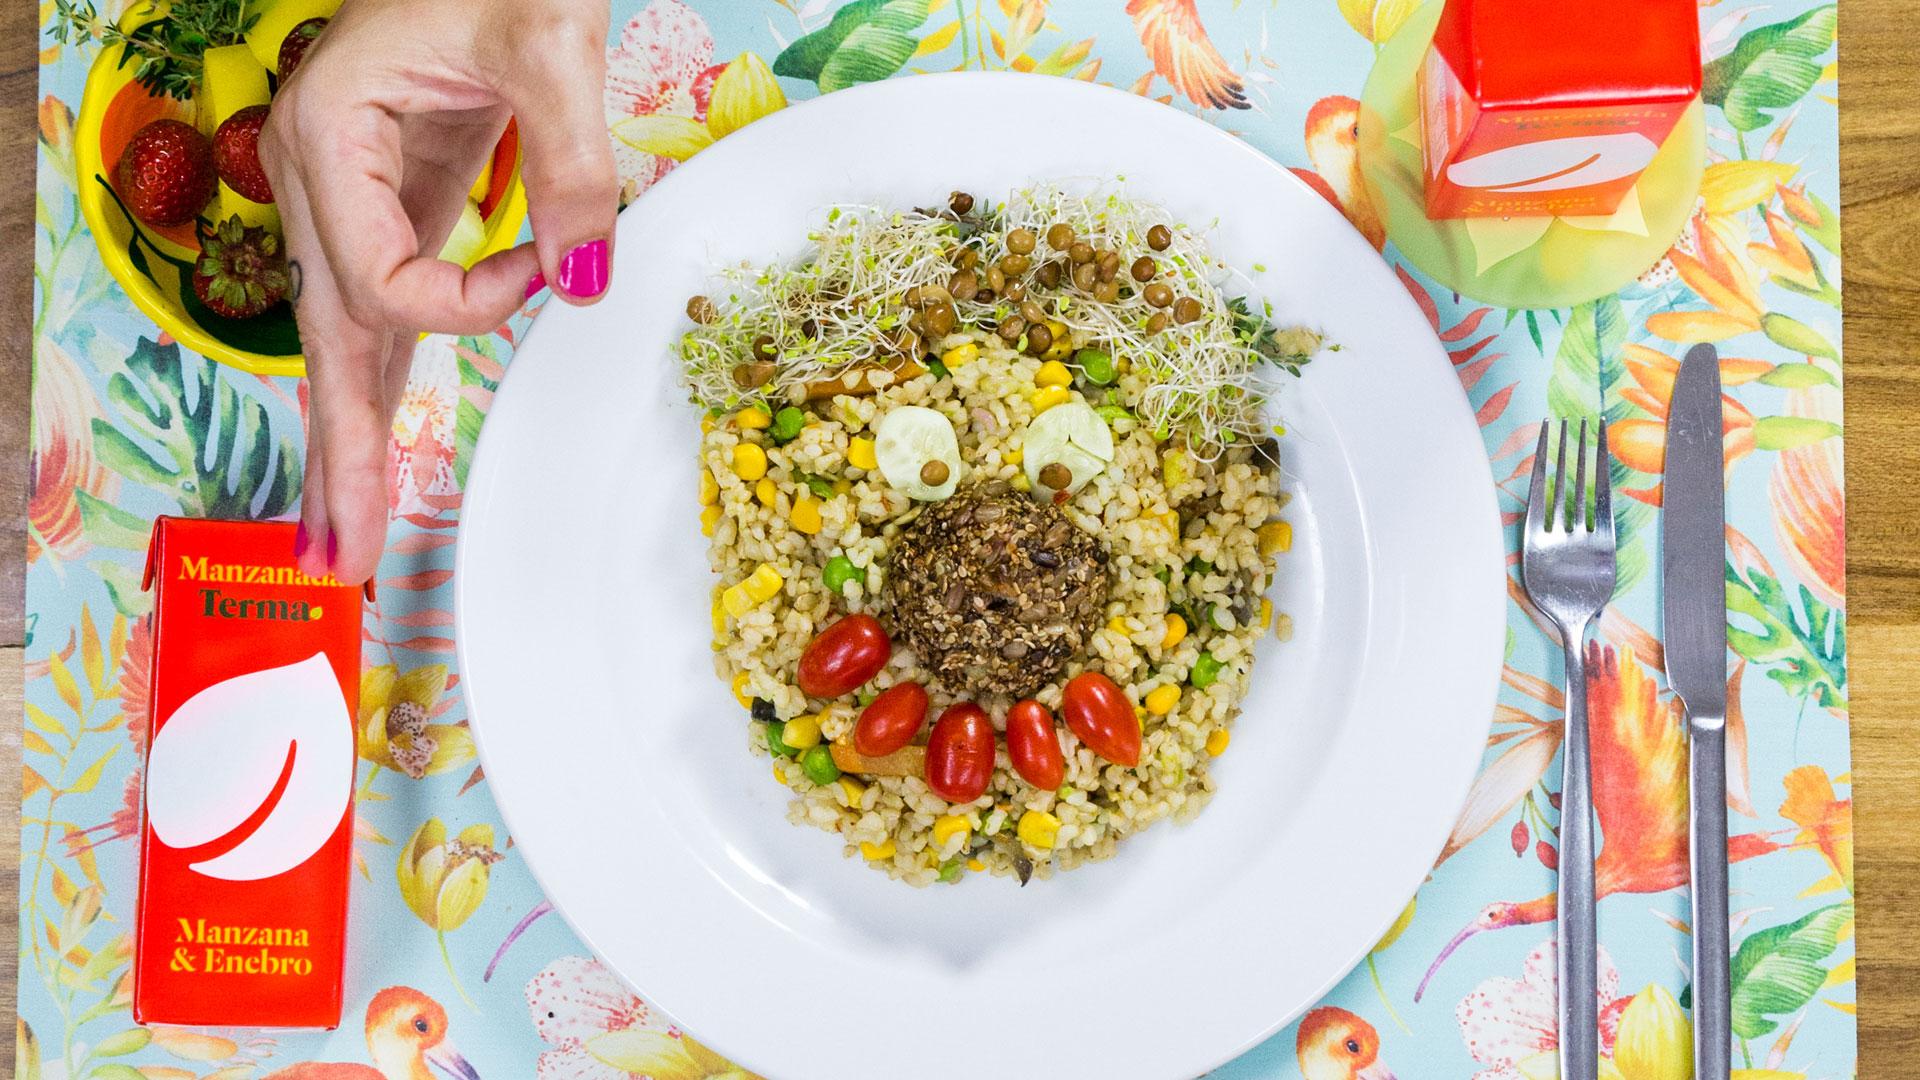 Arvejas, brotes de alfafa y arroz integral para una versión healthy del clásico plato de albóndigas con arroz.